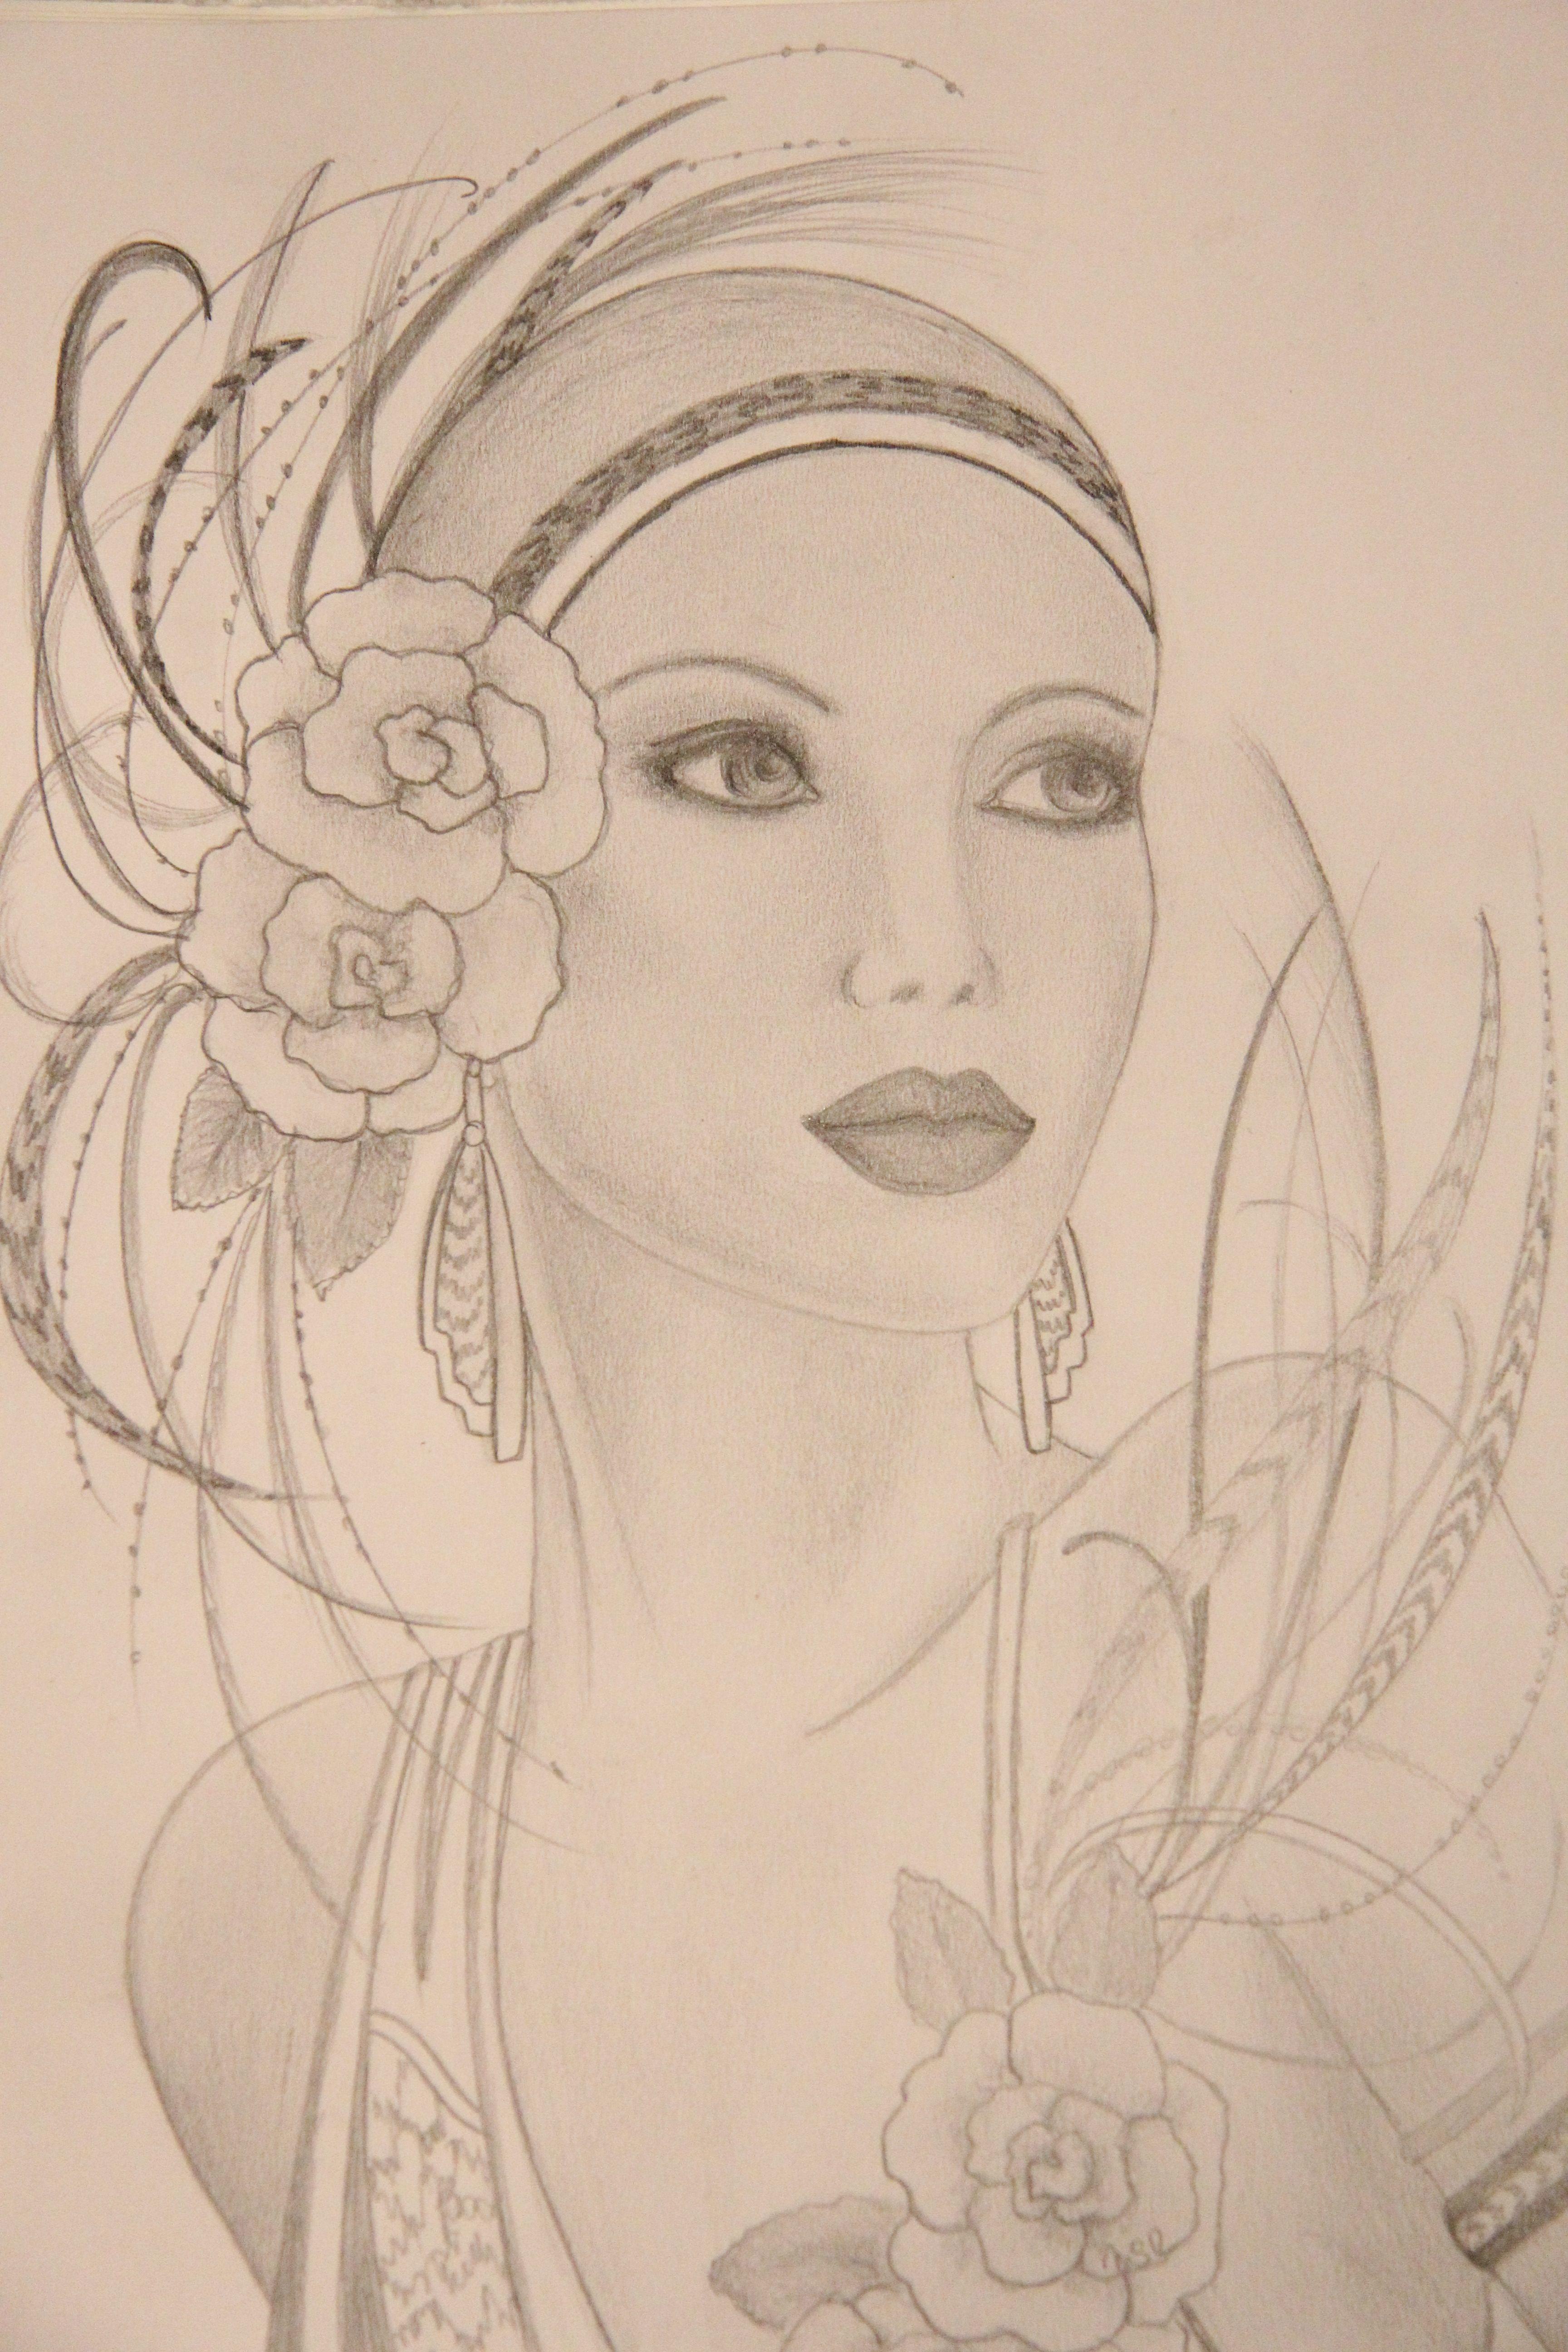 Deco Jugendstil i nouveau modernism deco jugendstil my pencil